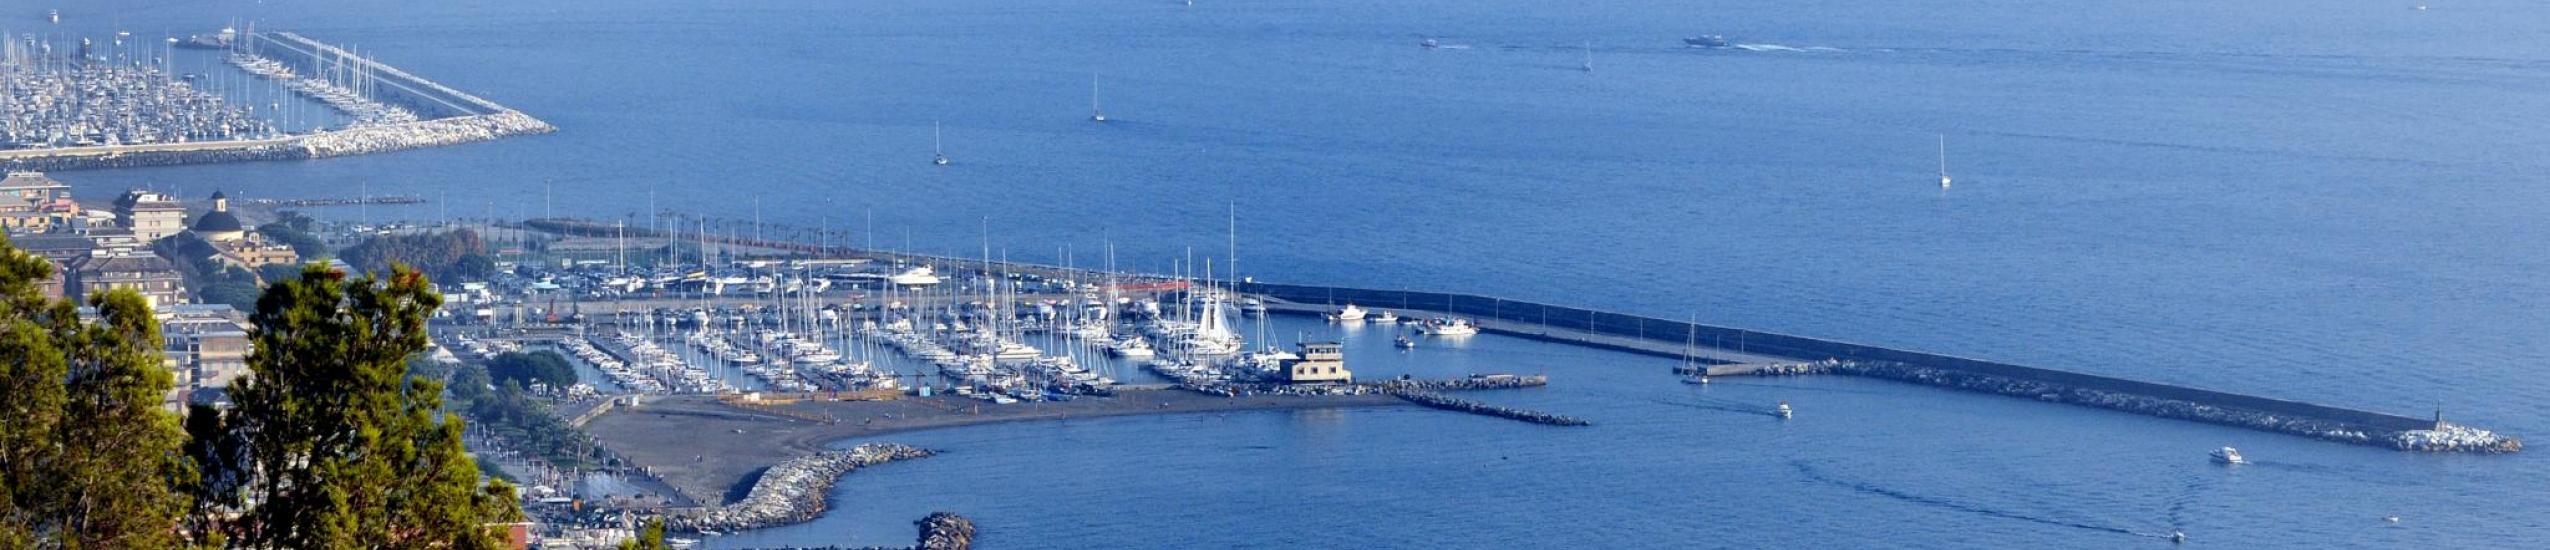 porto turistico di chiavari